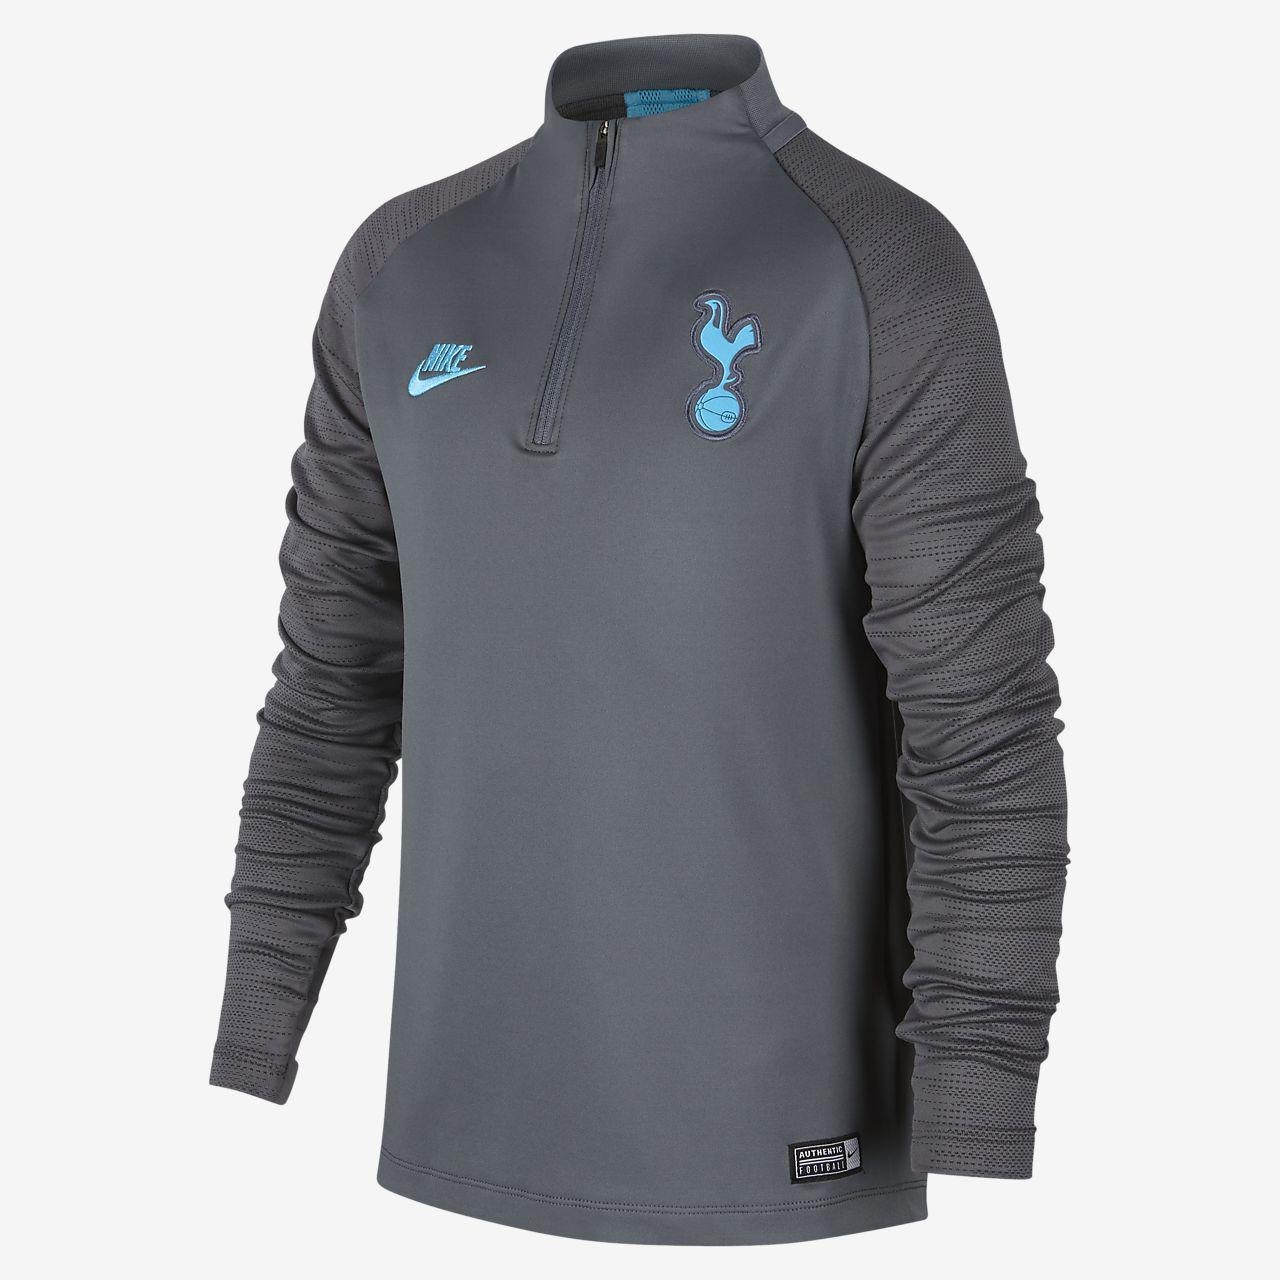 Maglia da calcio per allenamento Tottenham Hotspur Strike - Ragazzi